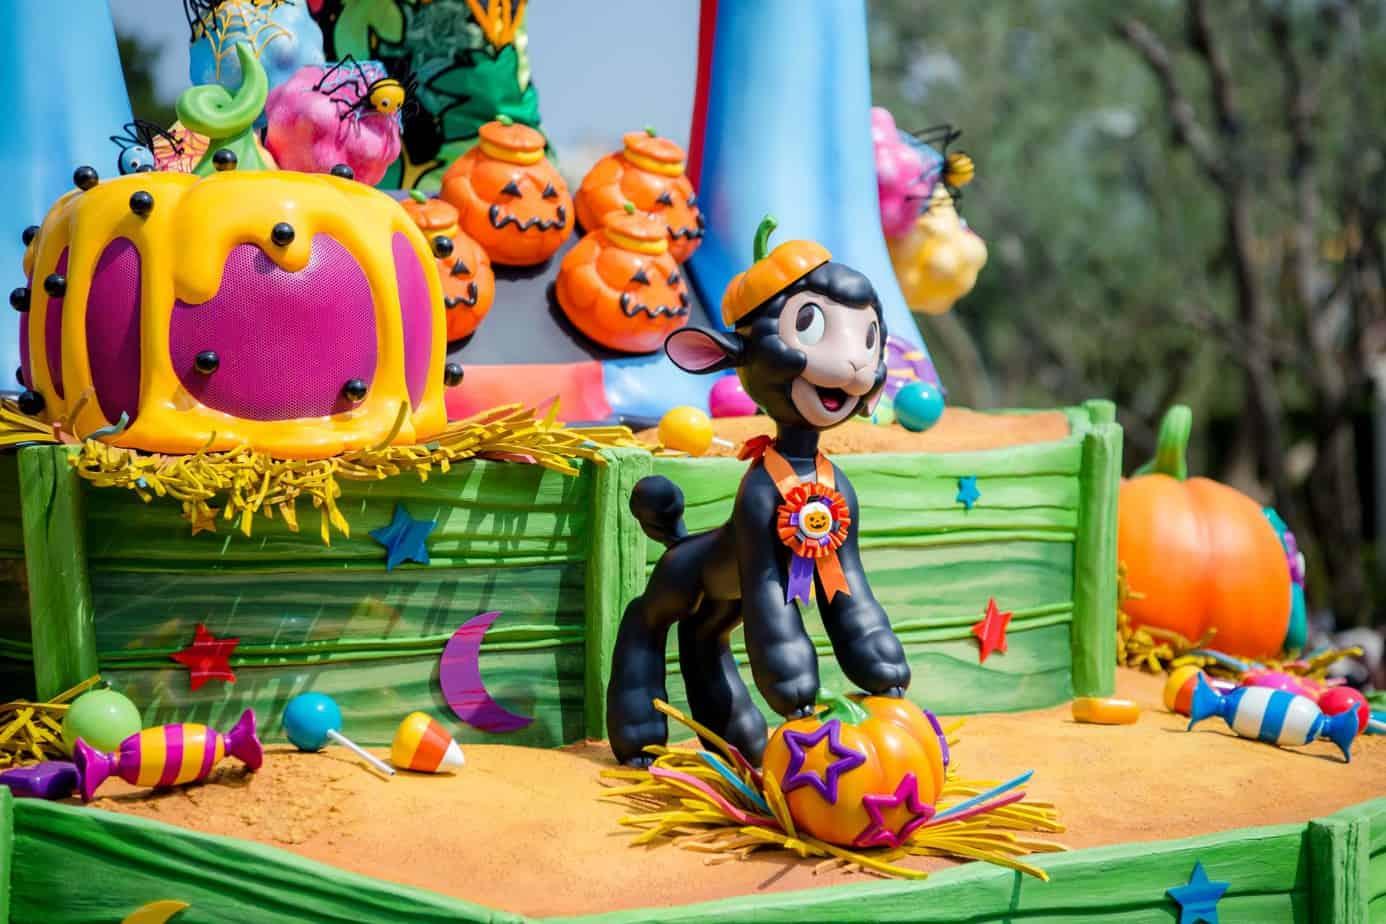 Looks - Halloween Happy disneyland pictures video